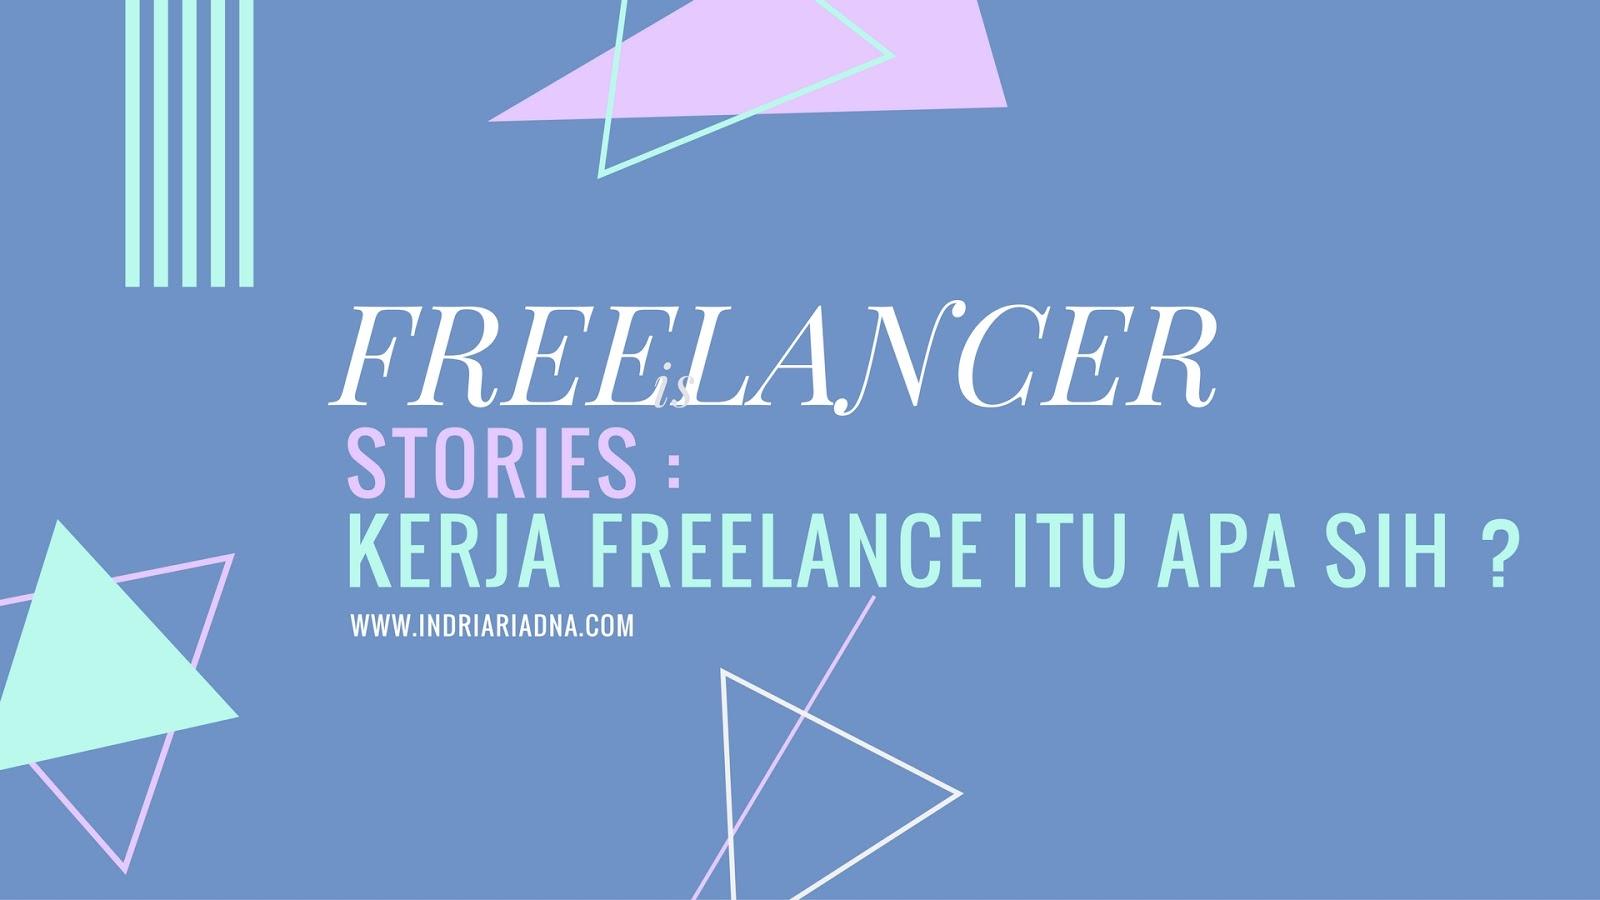 kerja freelancer adalah, www.indriariadna.com